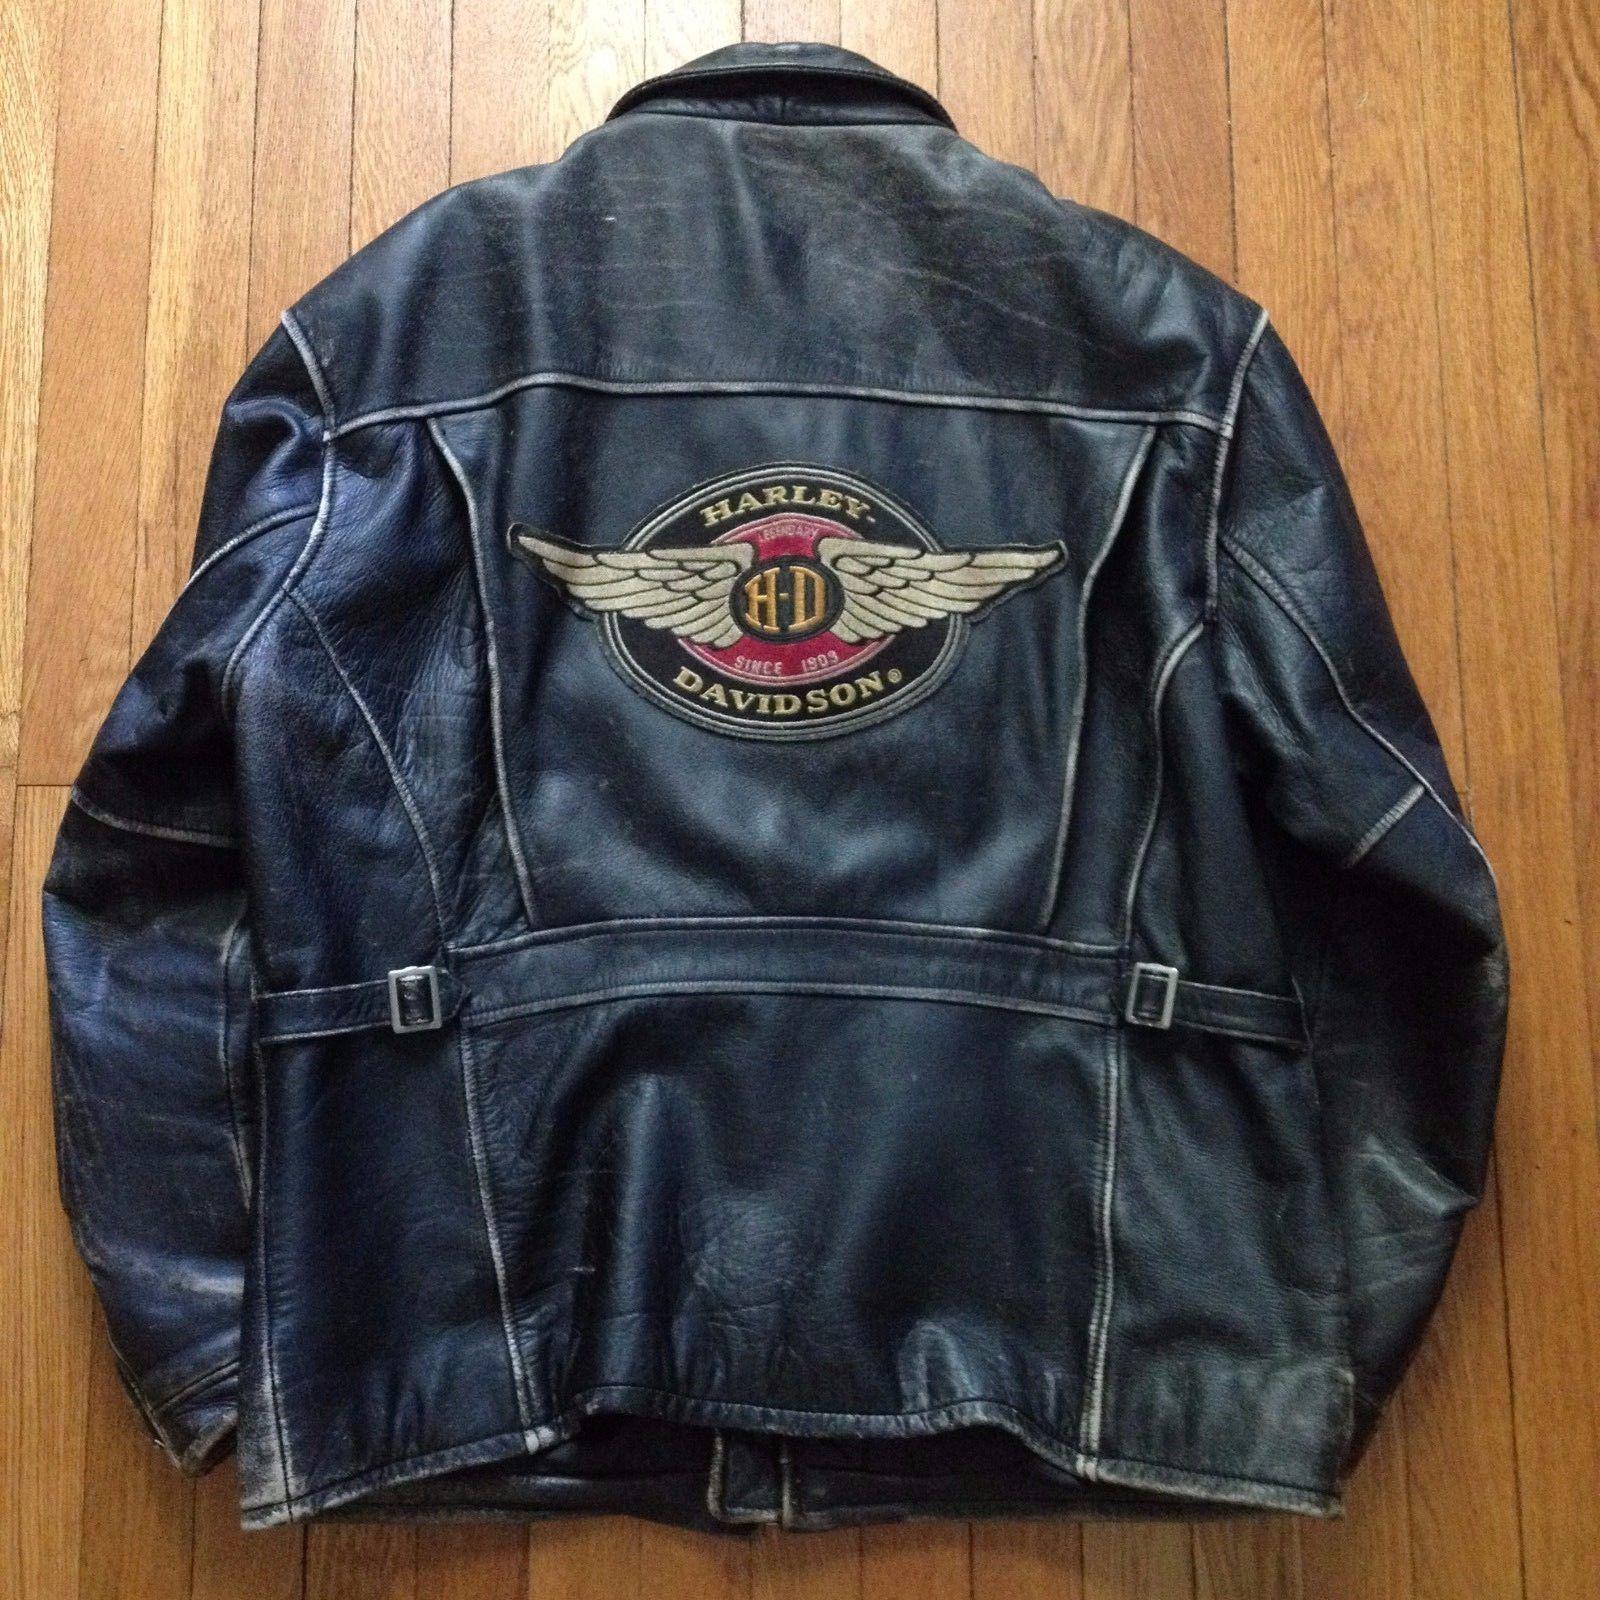 Vintage Harley Davidson Black Leather Motorcycle Jacket Harley Davidson Leather Jackets Black Leather Motorcycle Jacket Harley [ 1600 x 1600 Pixel ]